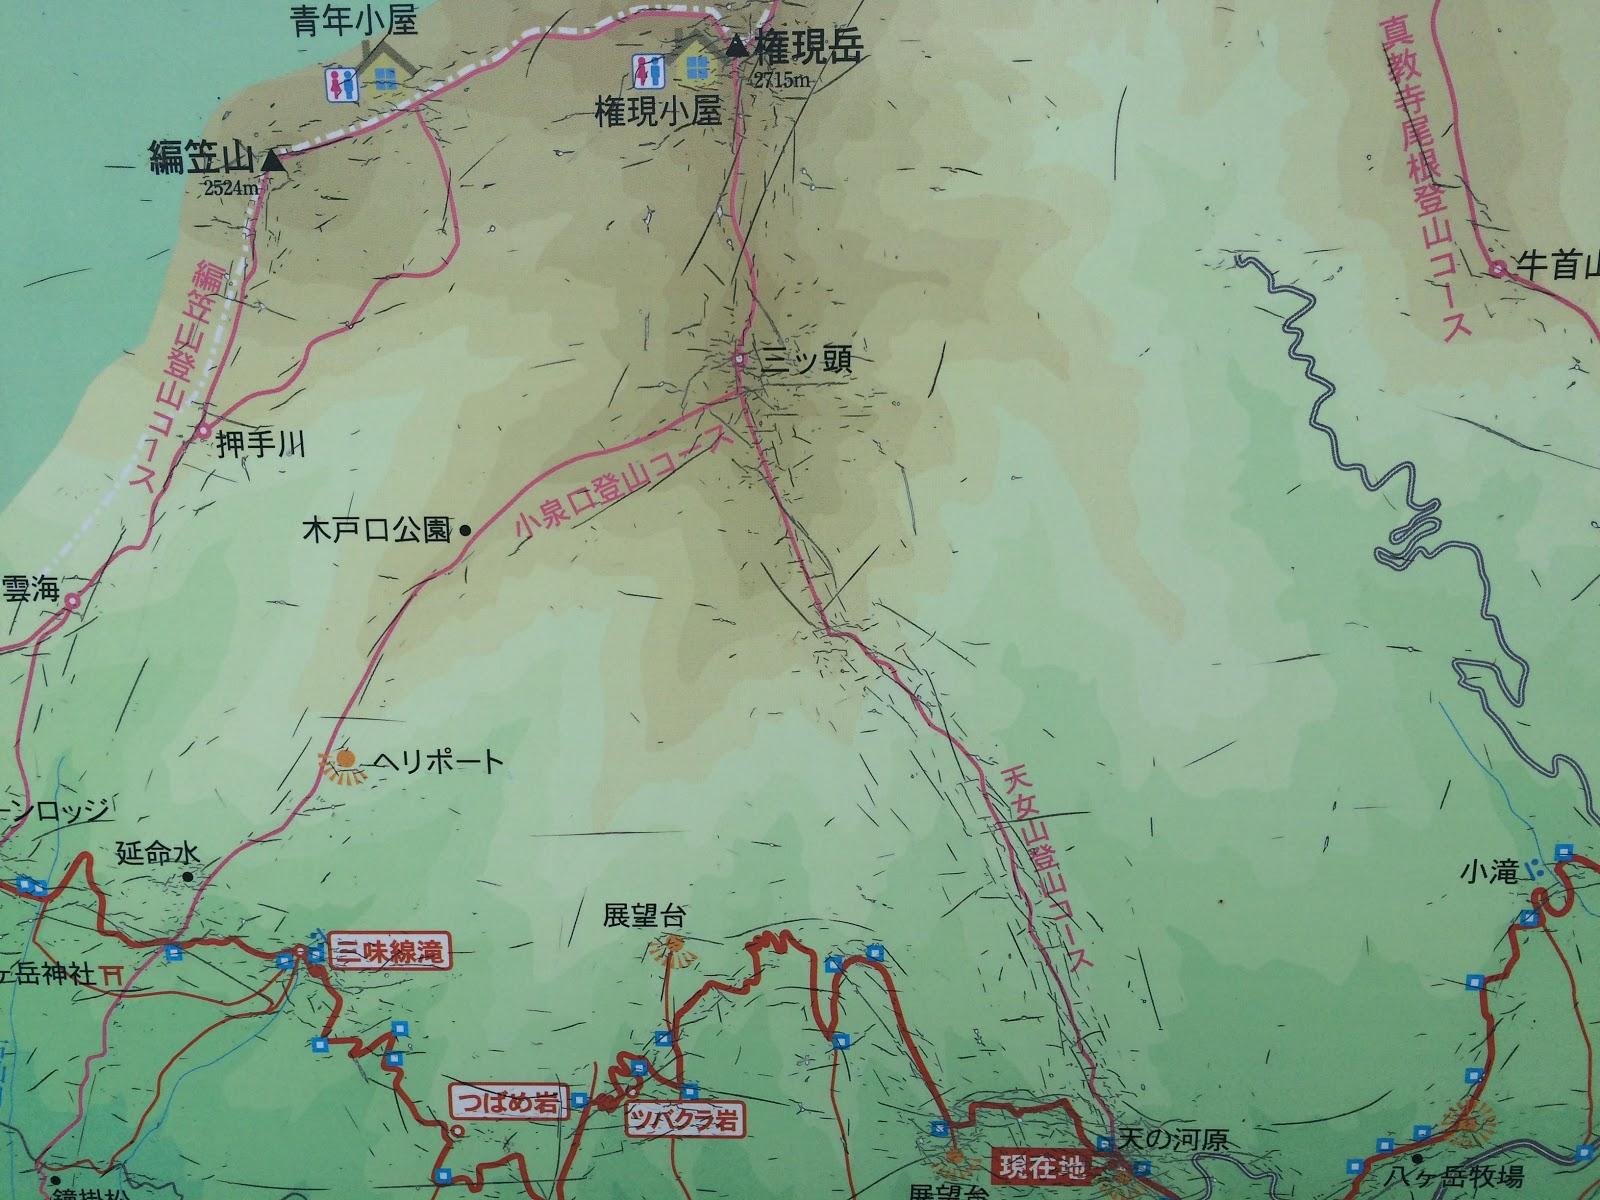 権現岳 地図